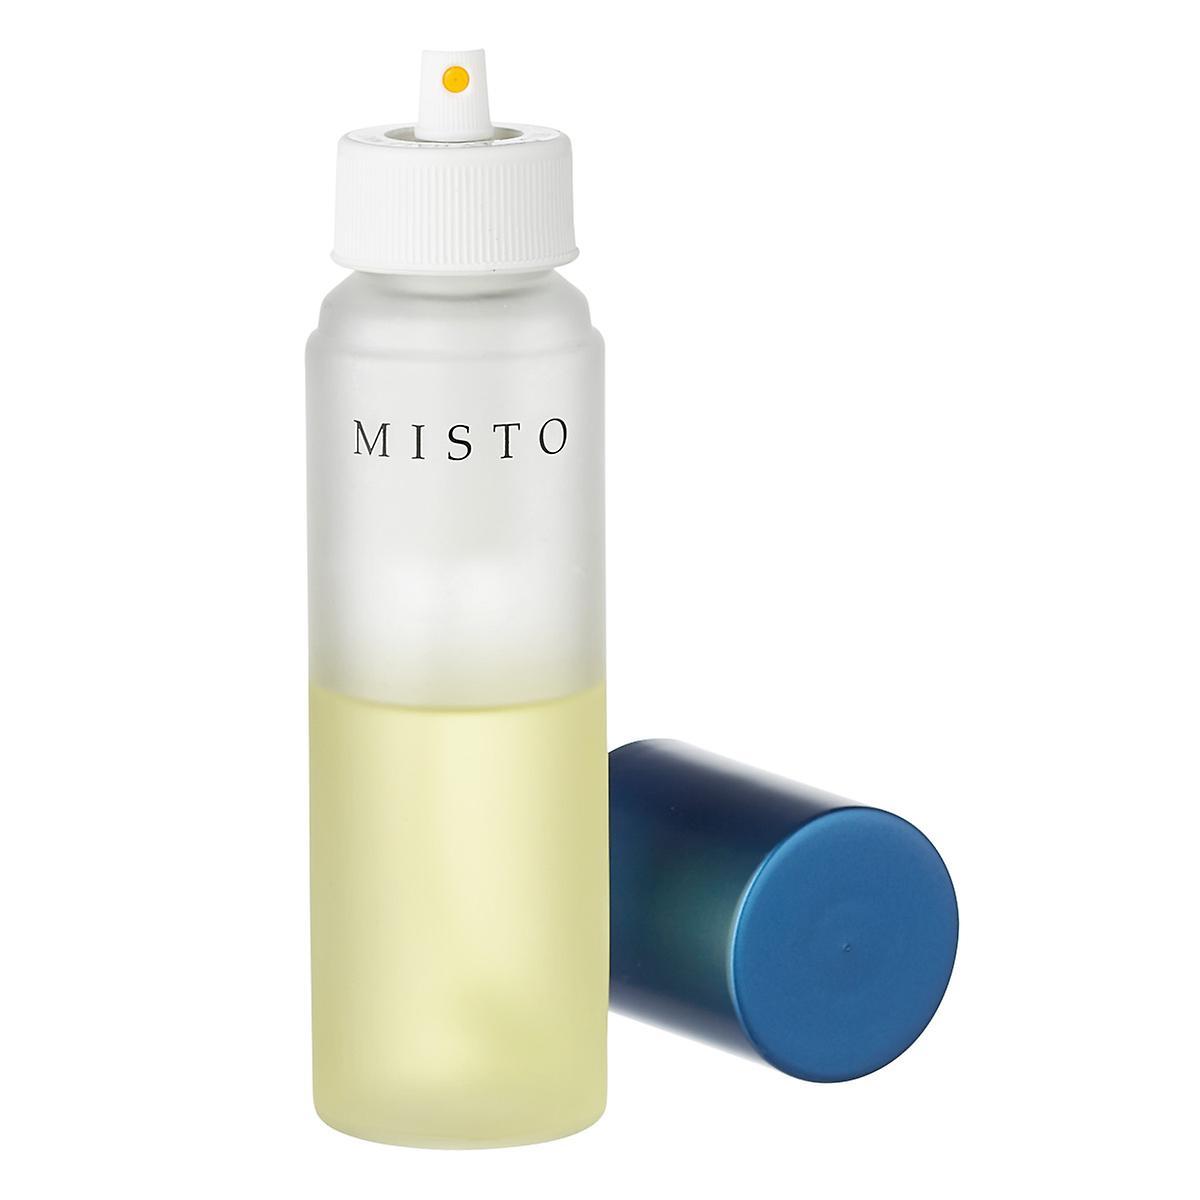 Misto Olive Oil Sprayer